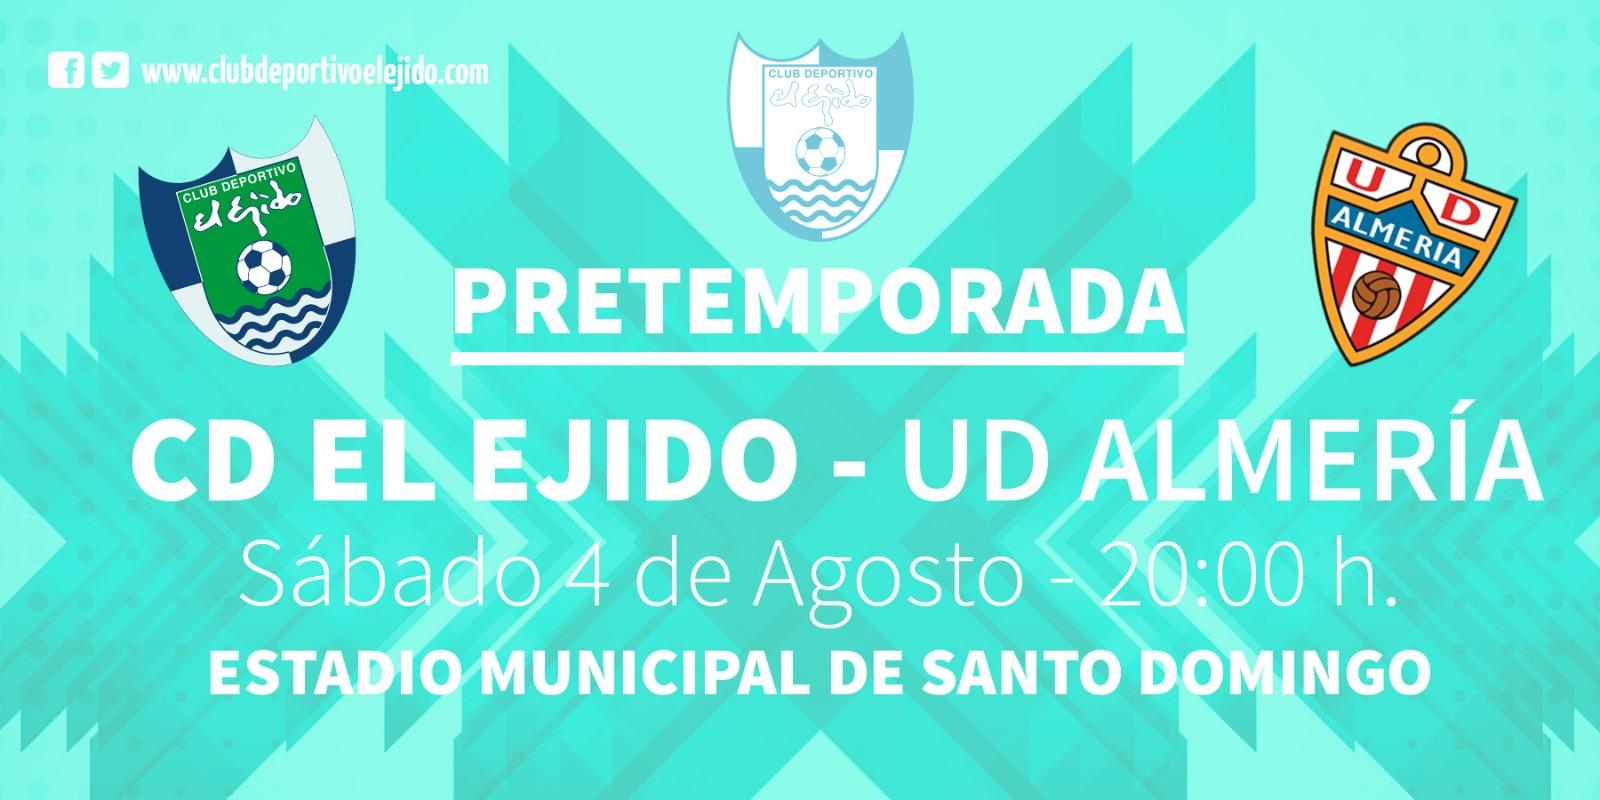 La UD Almería se medirá al CD El Ejido en Santo Domingo